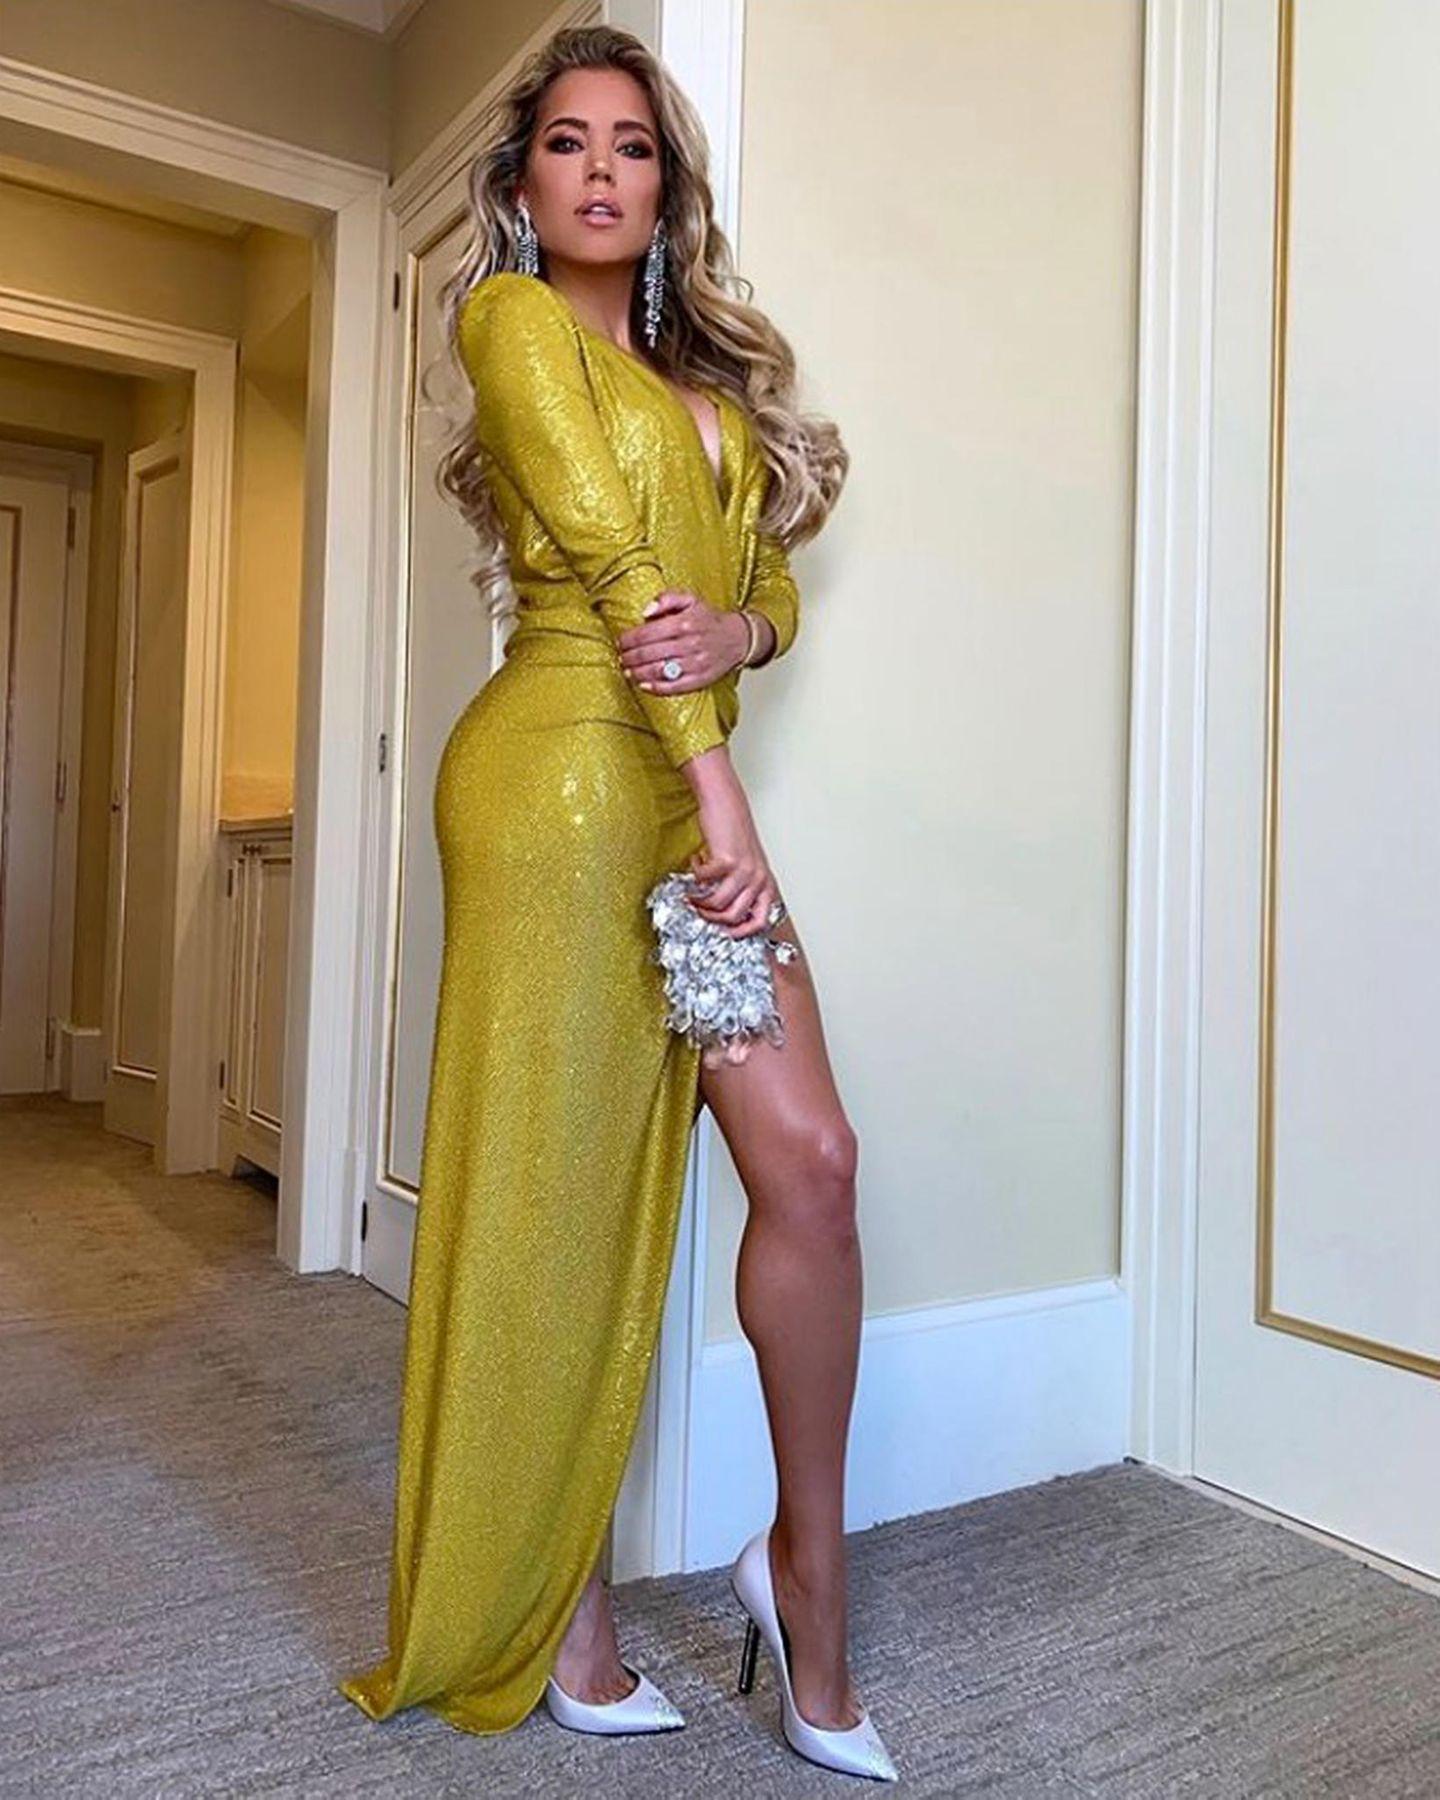 Schon am Abend vor der Hochzeit hatte Sylvie nämlich im senfgelben Glamour-Dress mittiefem Ausschnitt sicherlich für Aufsehen gesorgt.